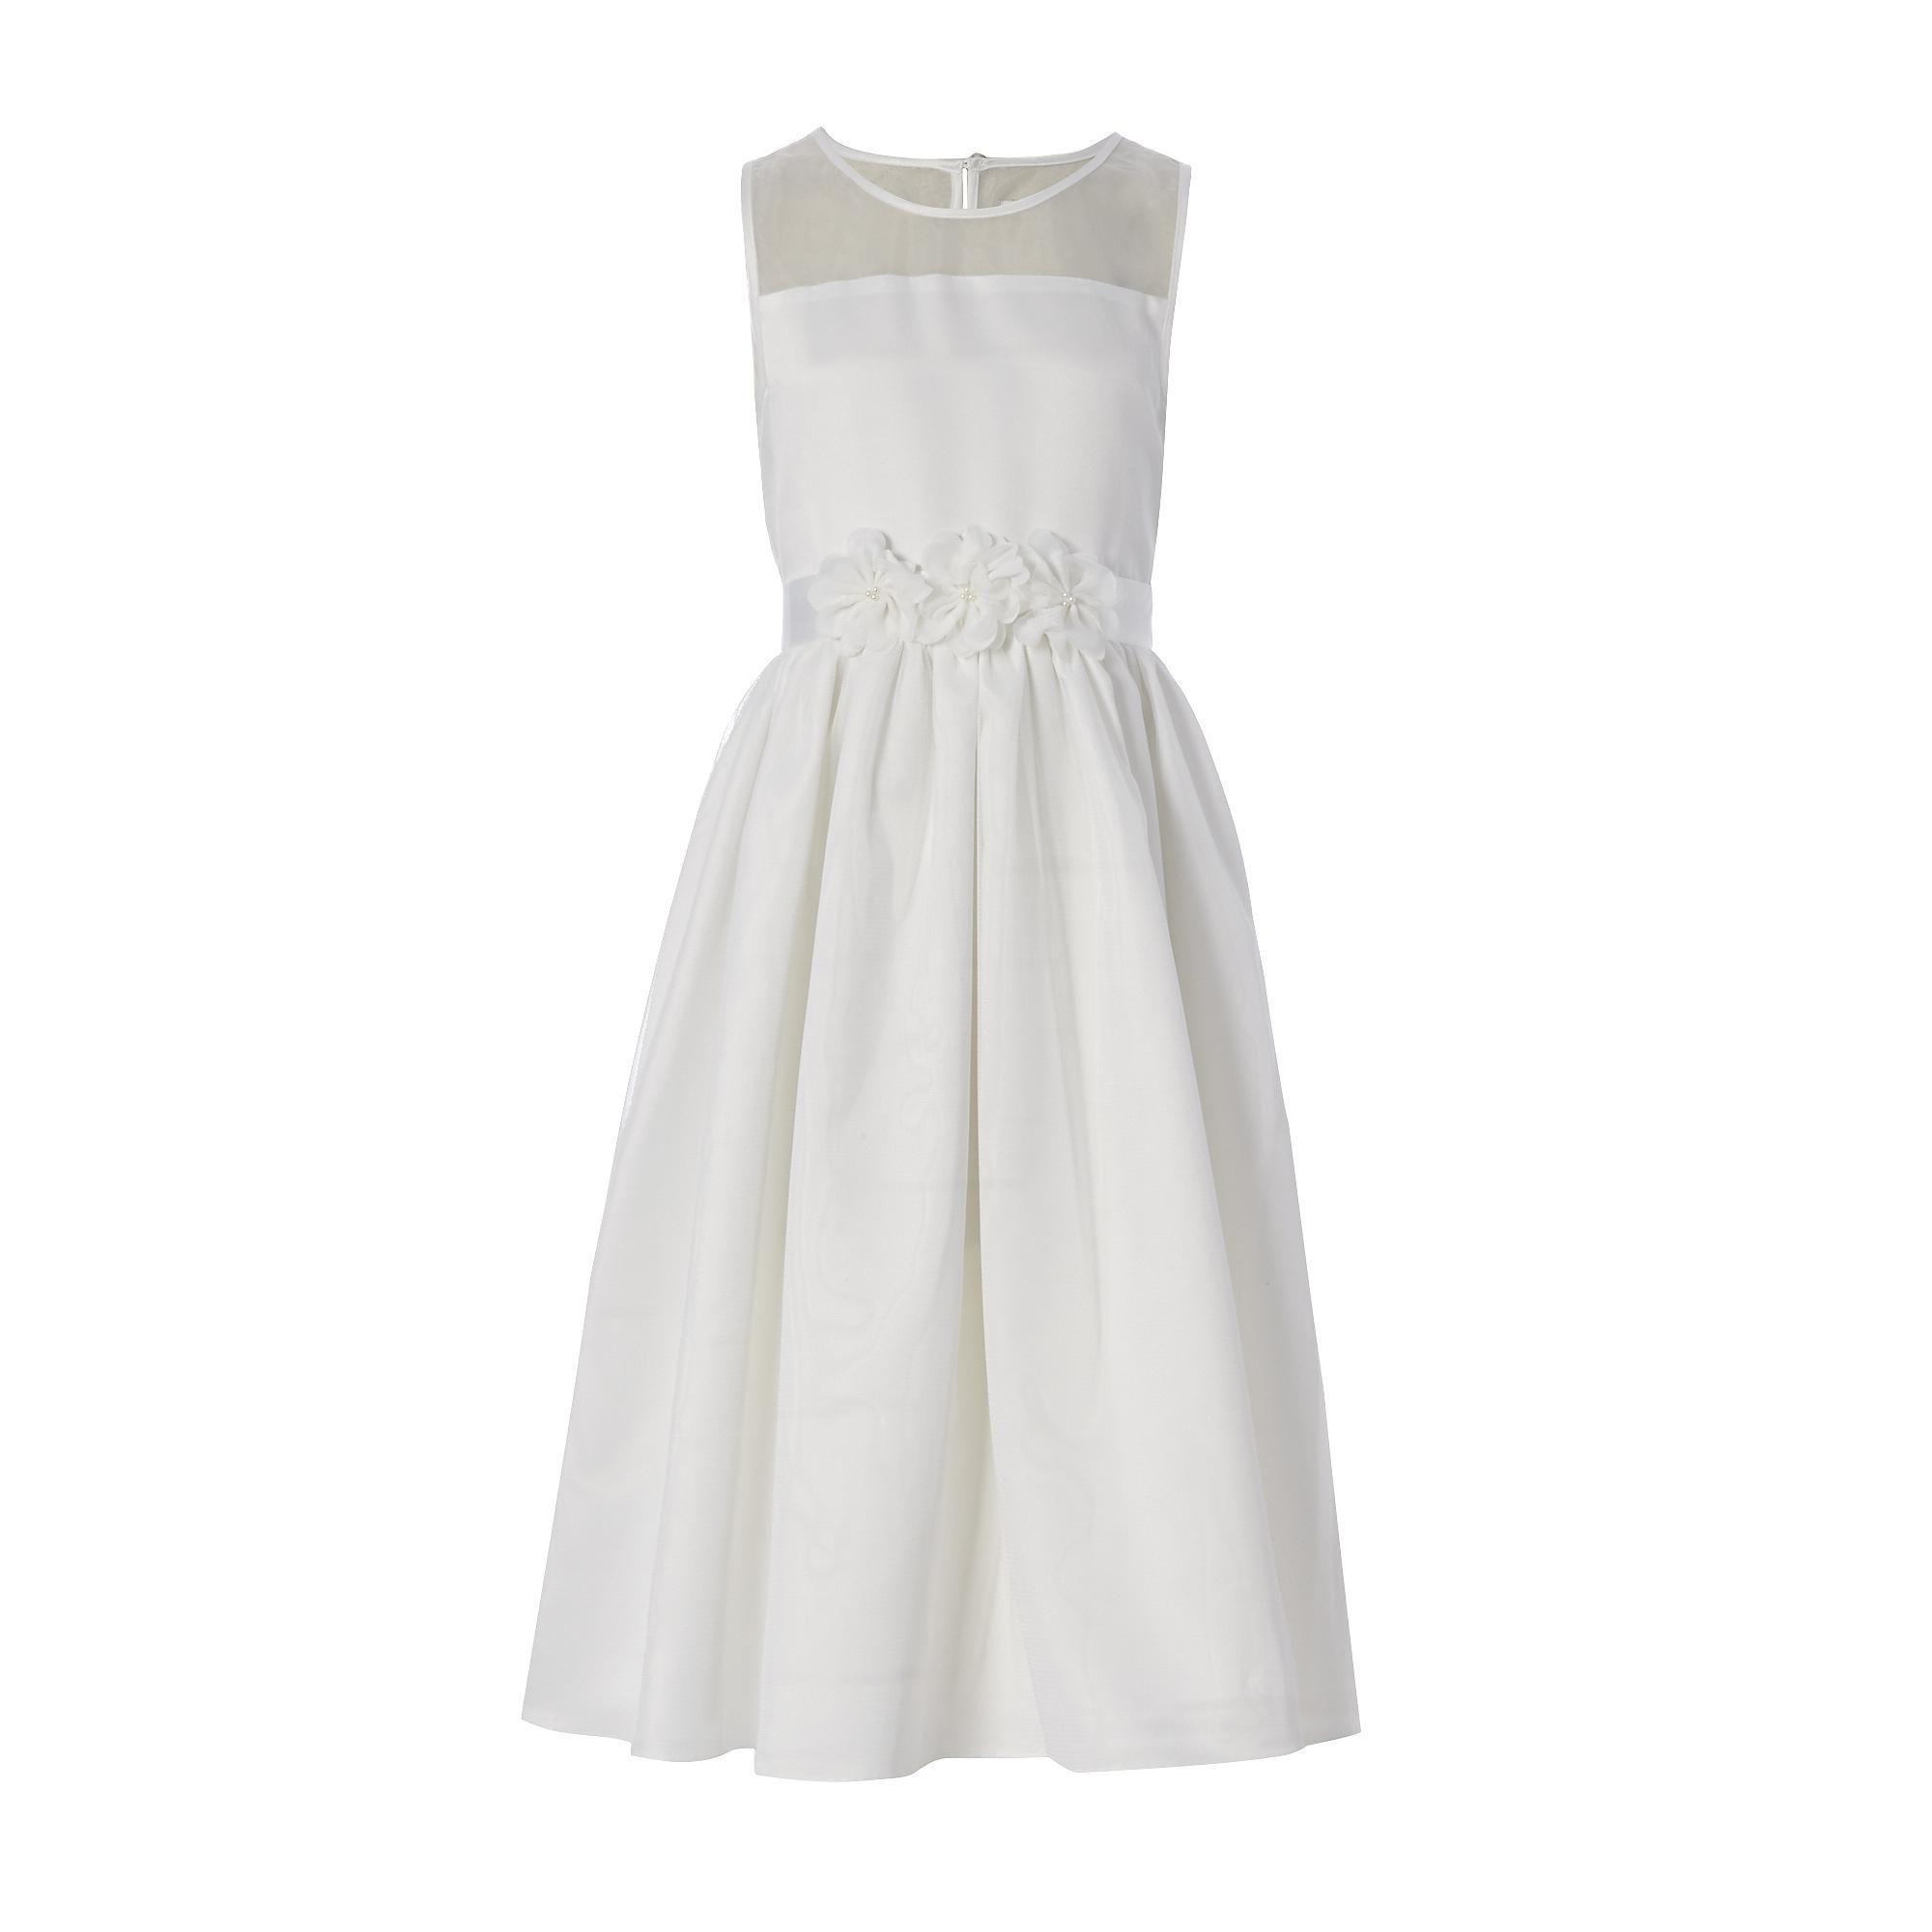 Designer girls ivory flower dress flower girl